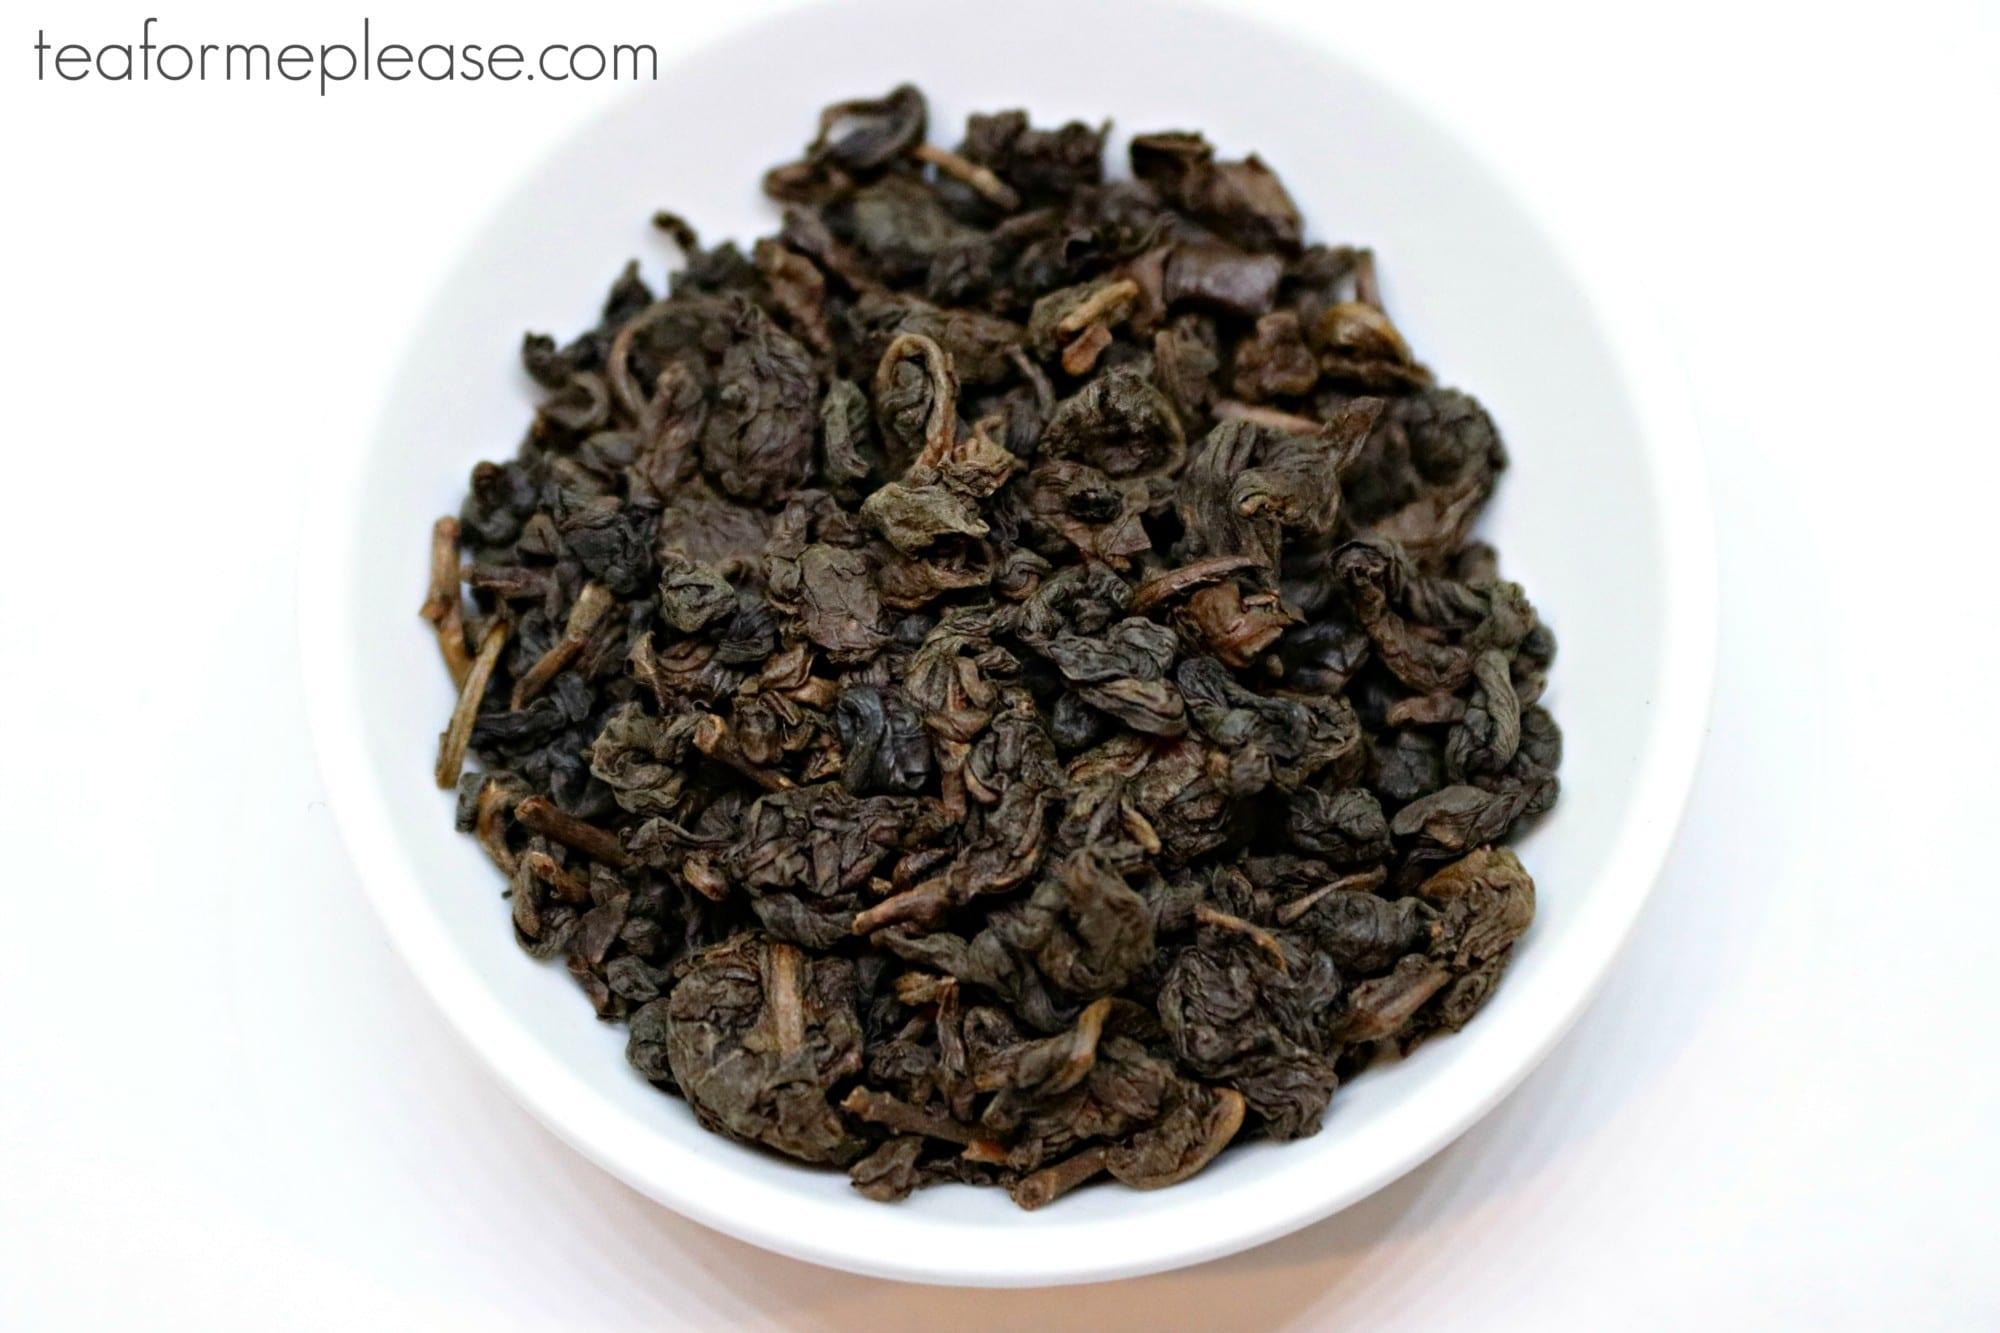 Daurim Hong Xin Tie Guan Yin Oolong Tea